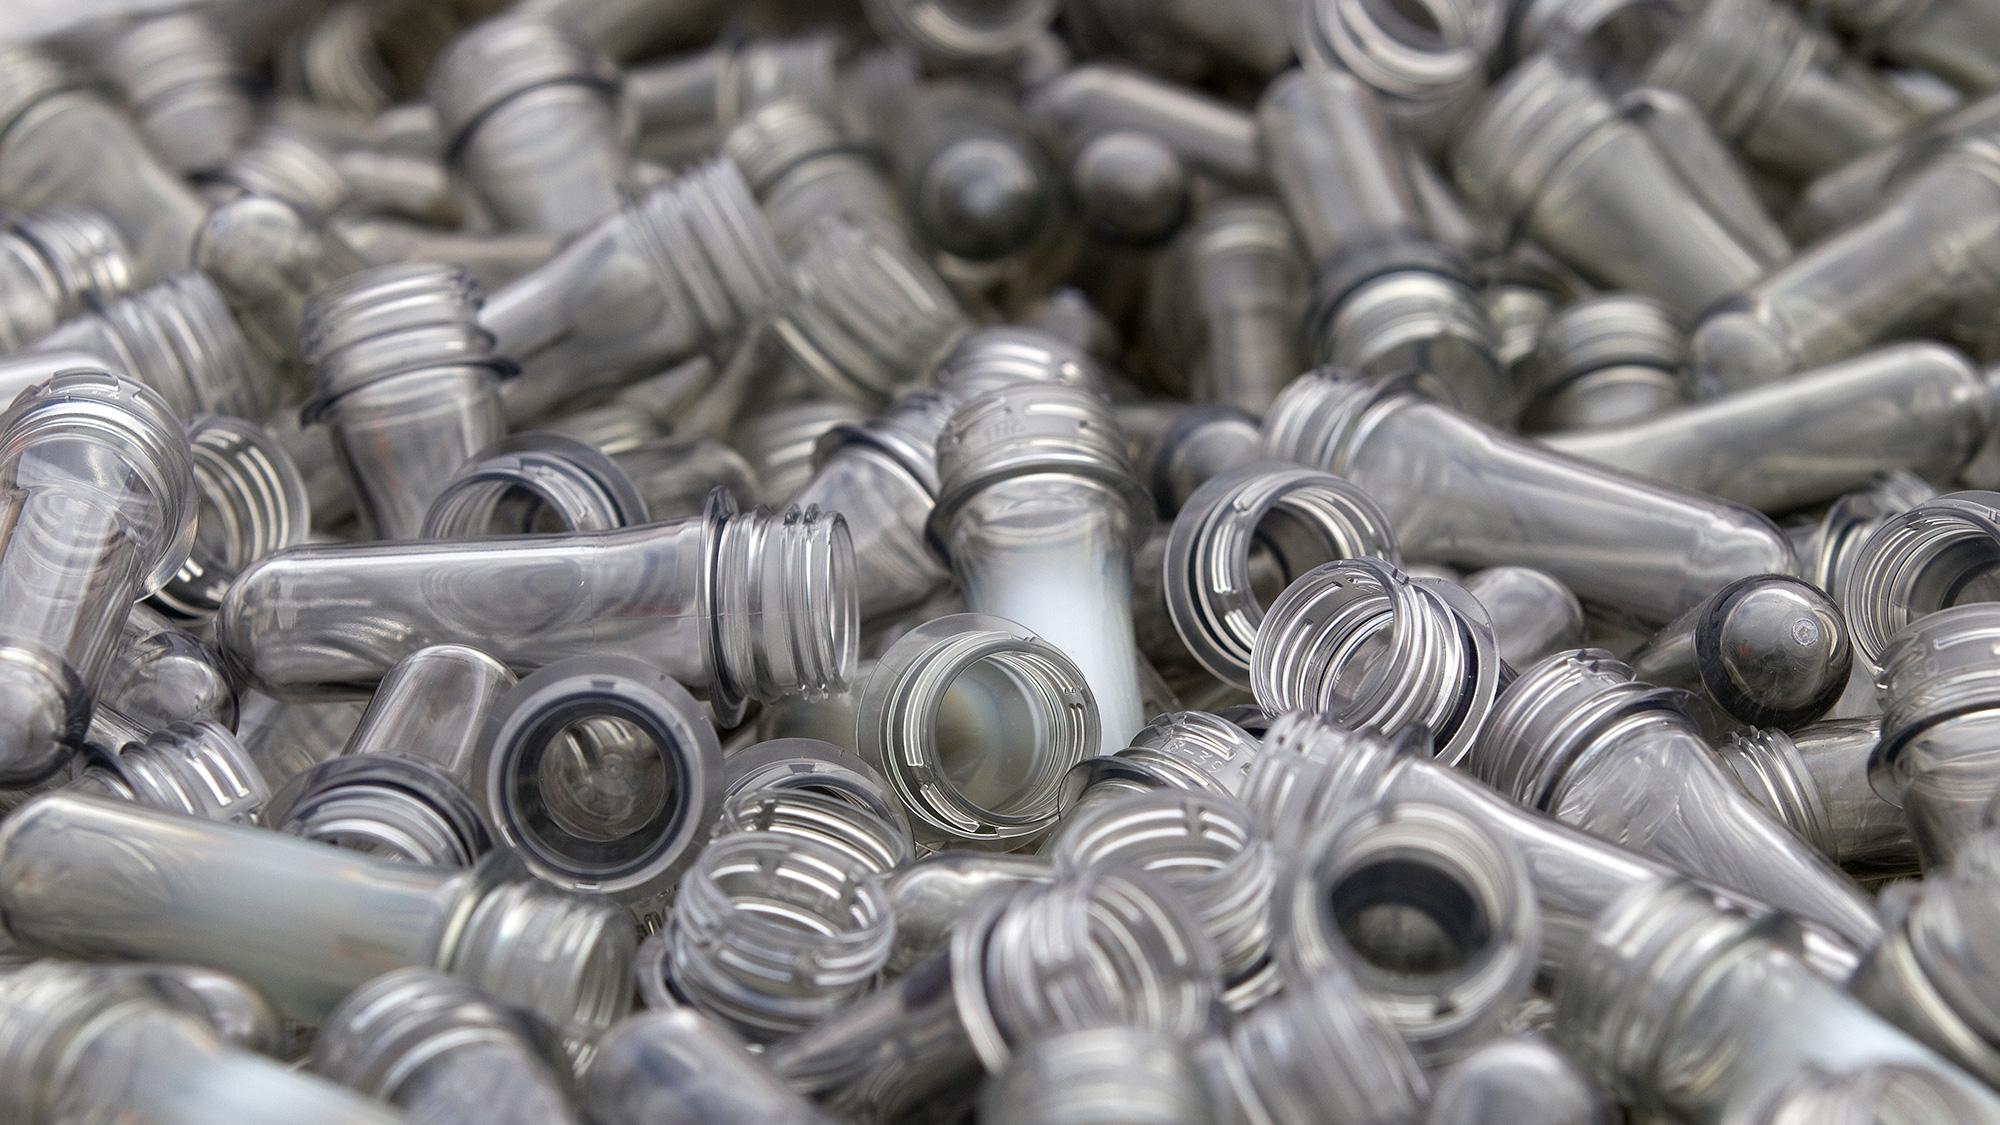 Plastic pre form soft drink bottles